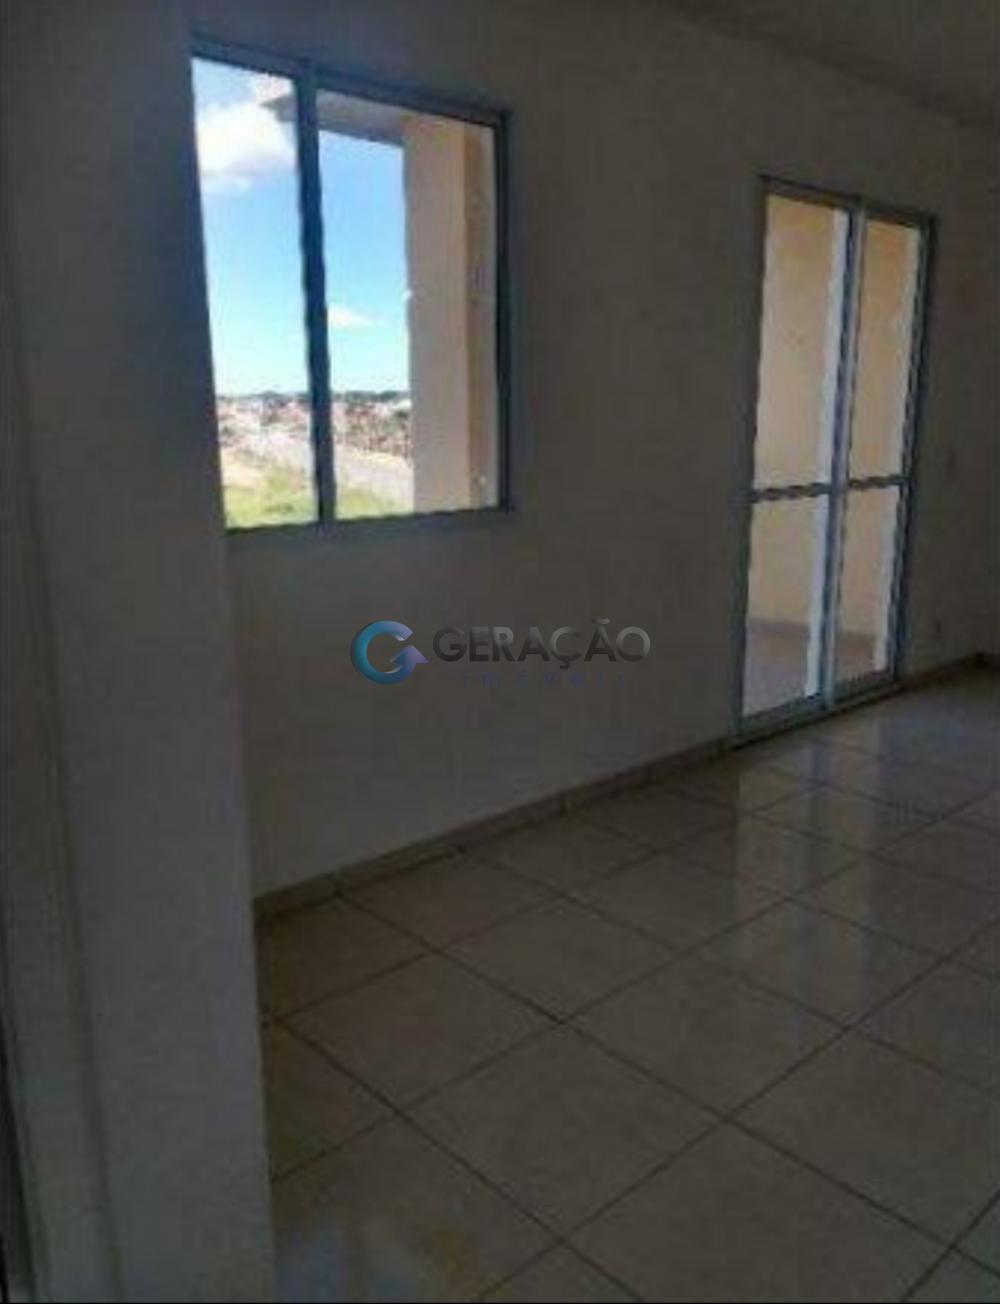 Comprar Apartamento / Padrão em São José dos Campos apenas R$ 200.000,00 - Foto 4